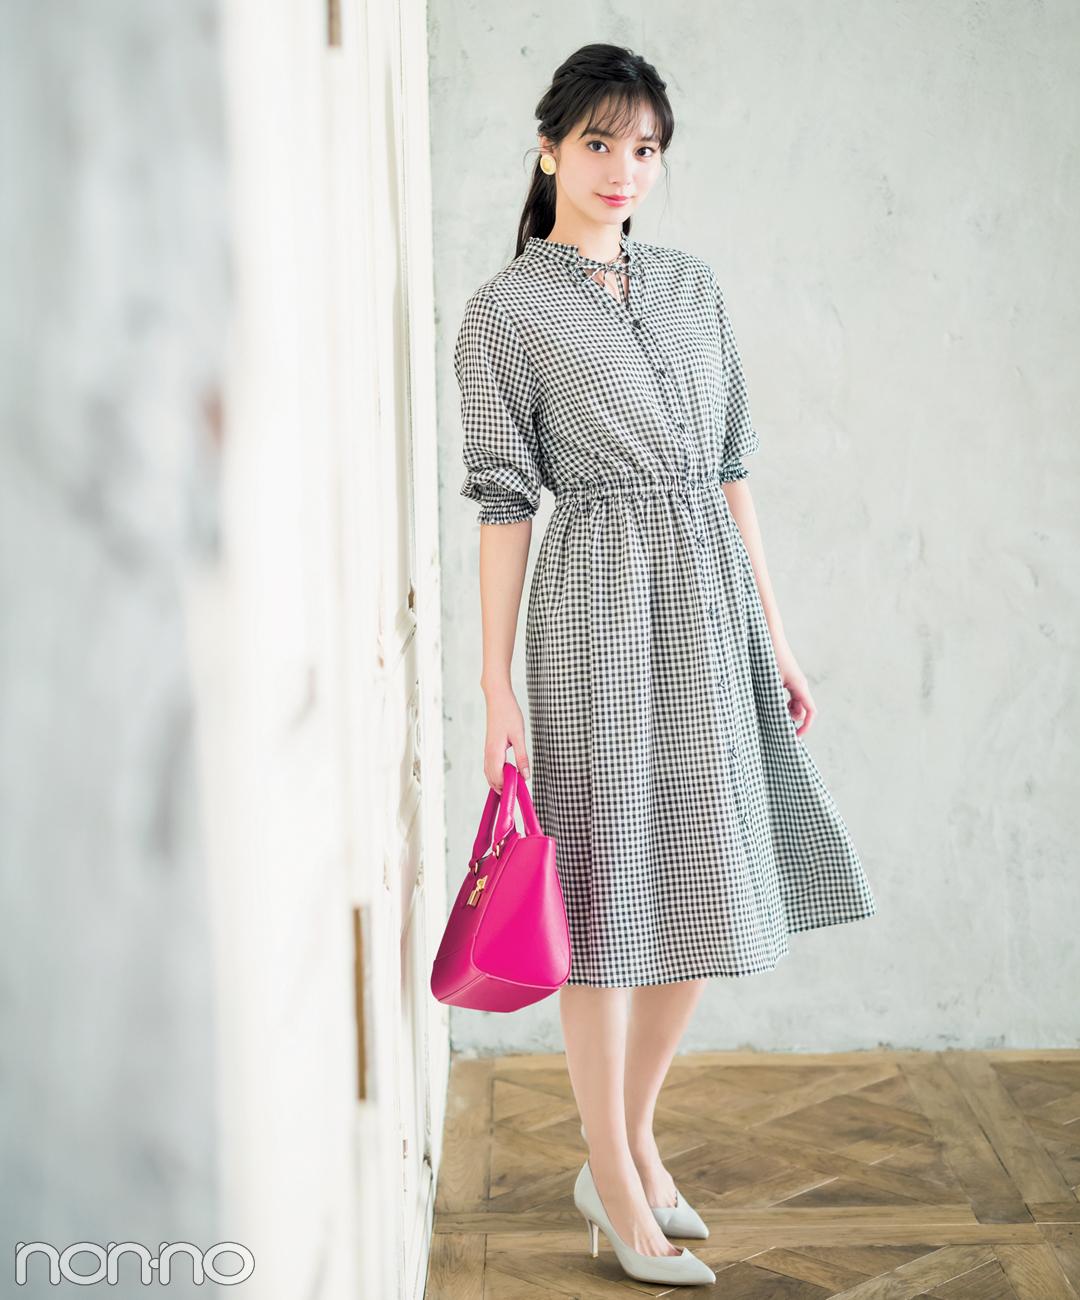 【夏のワンピースコーデ】新川優愛の、ギンガムチェックワンピで大人っぽデートコーデ